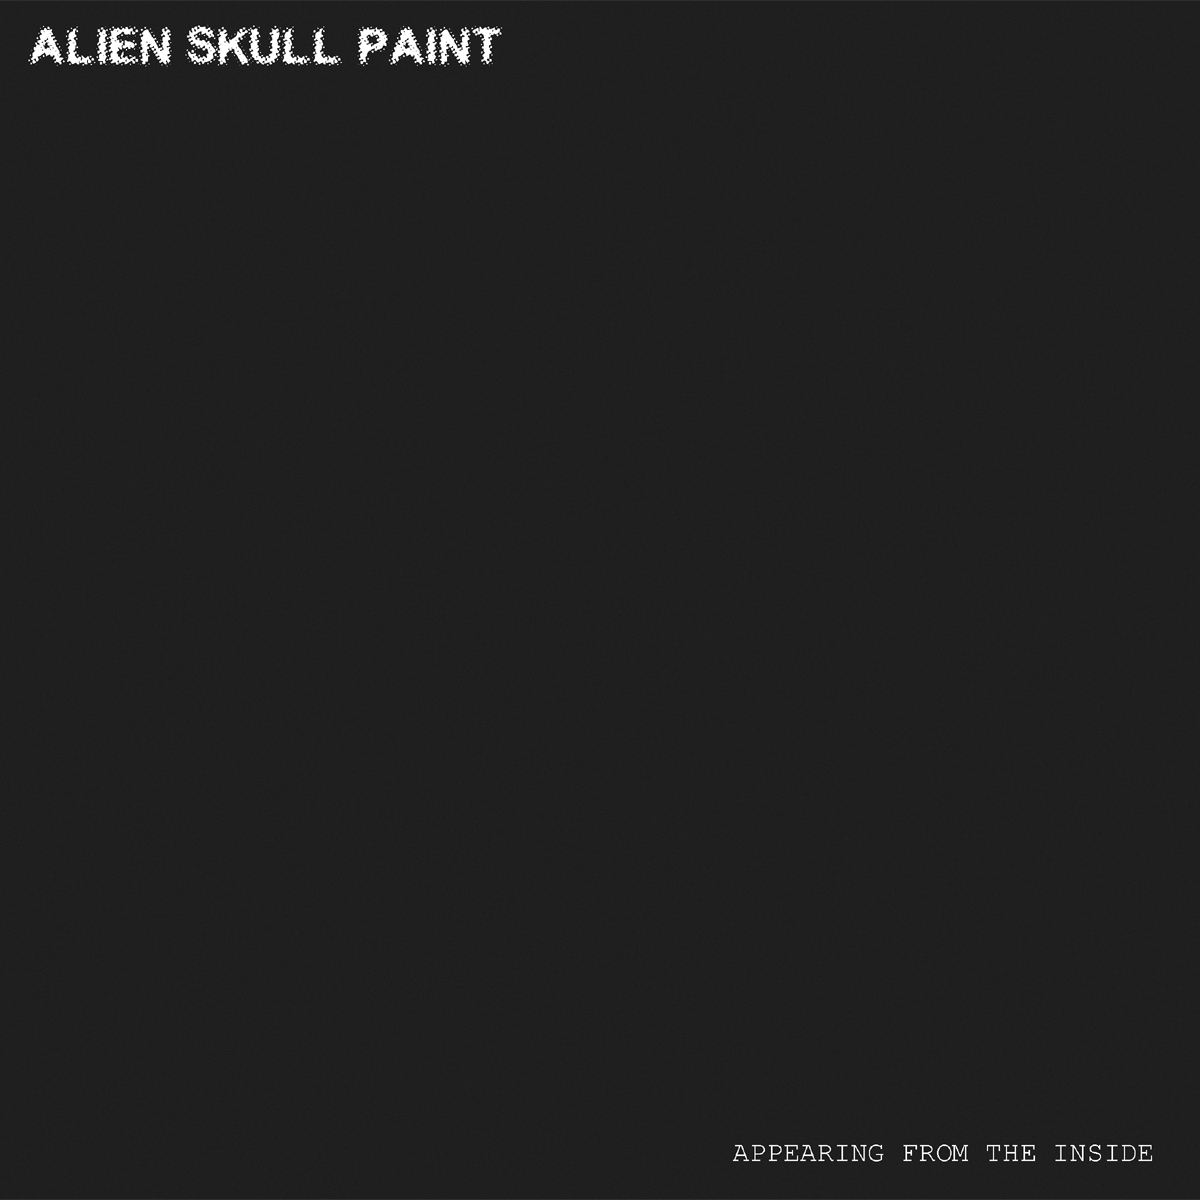 Alien Skull Paint